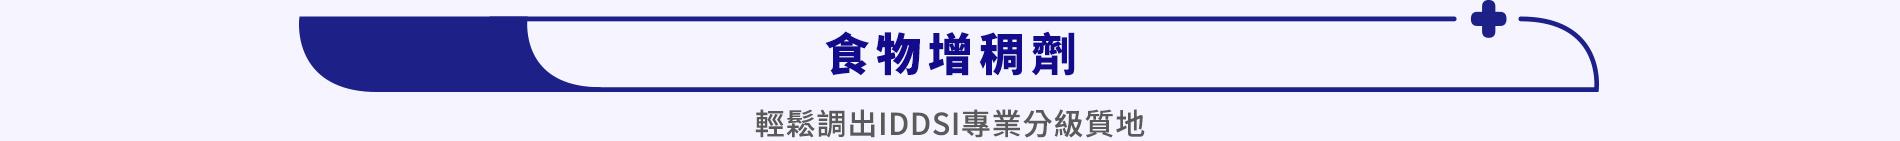 商品分類四:食物增稠劑,輕鬆調出IDDSI專業分級質地